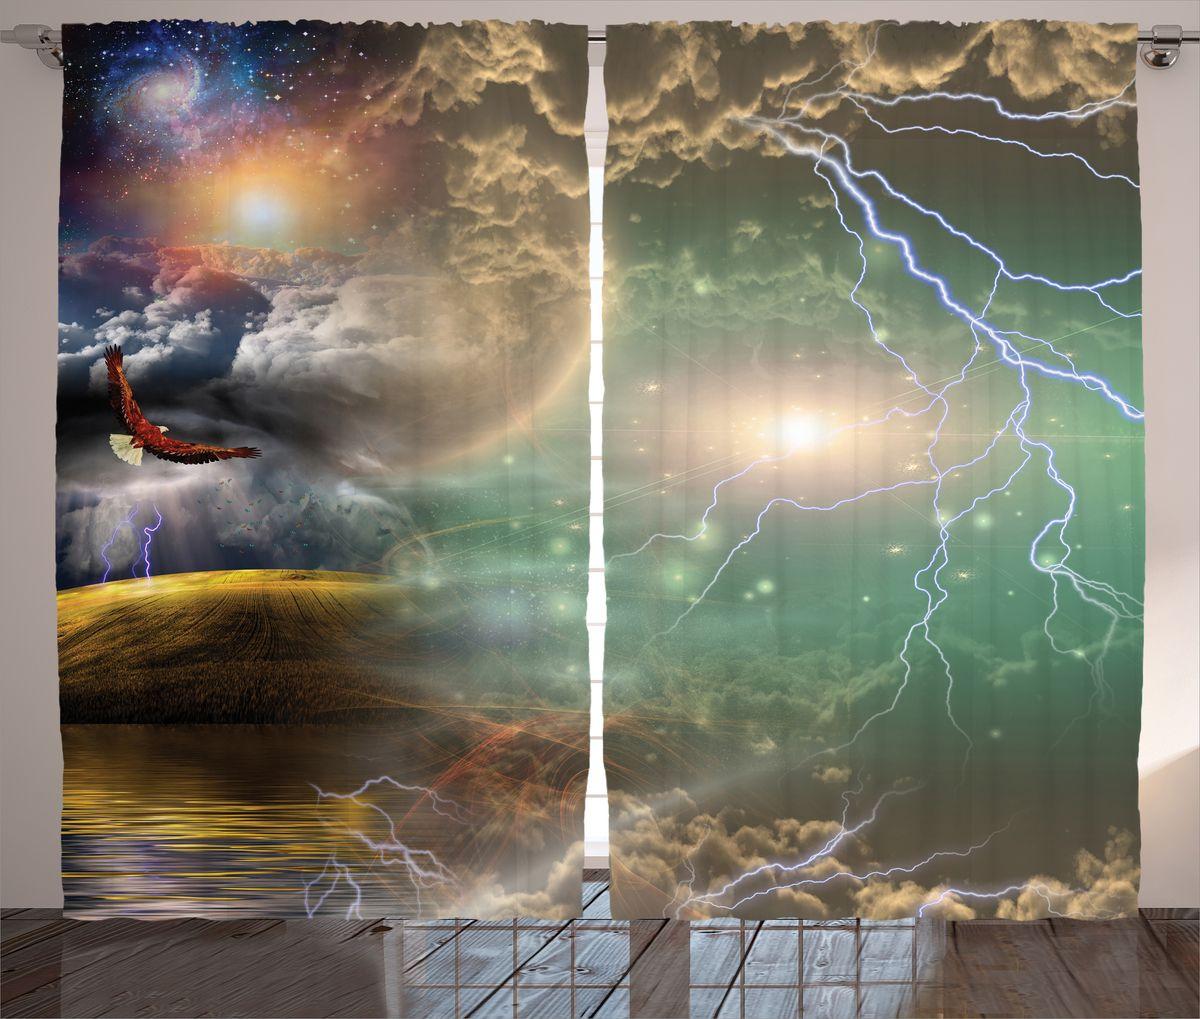 Комплект фотоштор Magic Lady Орел и молнии, на ленте, высота 265 см. шсг_15820шсг_15312Компания Сэмболь изготавливает шторы из высококачественного сатена (полиэстер 100%). При изготовлении используются специальные гипоаллергенные чернила для прямой печати по ткани, безопасные для человека и животных. Экологичность продукции Magic lady и безопасность для окружающей среды подтверждены сертификатом Oeko-Tex Standard 100. Крепление: крючки для крепления на шторной ленте (50 шт). Возможно крепление на трубу. Внимание! При нанесении сублимационной печати на ткань технологическим методом при температуре 240°С, возможно отклонение полученных размеров (указанных на этикетке и сайте) от стандартных на + - 3-5 см. Производитель старается максимально точно передать цвета изделия на фотографиях, однако искажения неизбежны и фактический цвет изделия может отличаться от воспринимаемого по фото. Обратите внимание! Шторы изготовлены из полиэстра сатенового переплетения, а не из сатина (хлопок). Размер одного полотна шторы: 145х265 см. В комплекте 2 полотна шторы и 50 крючков.